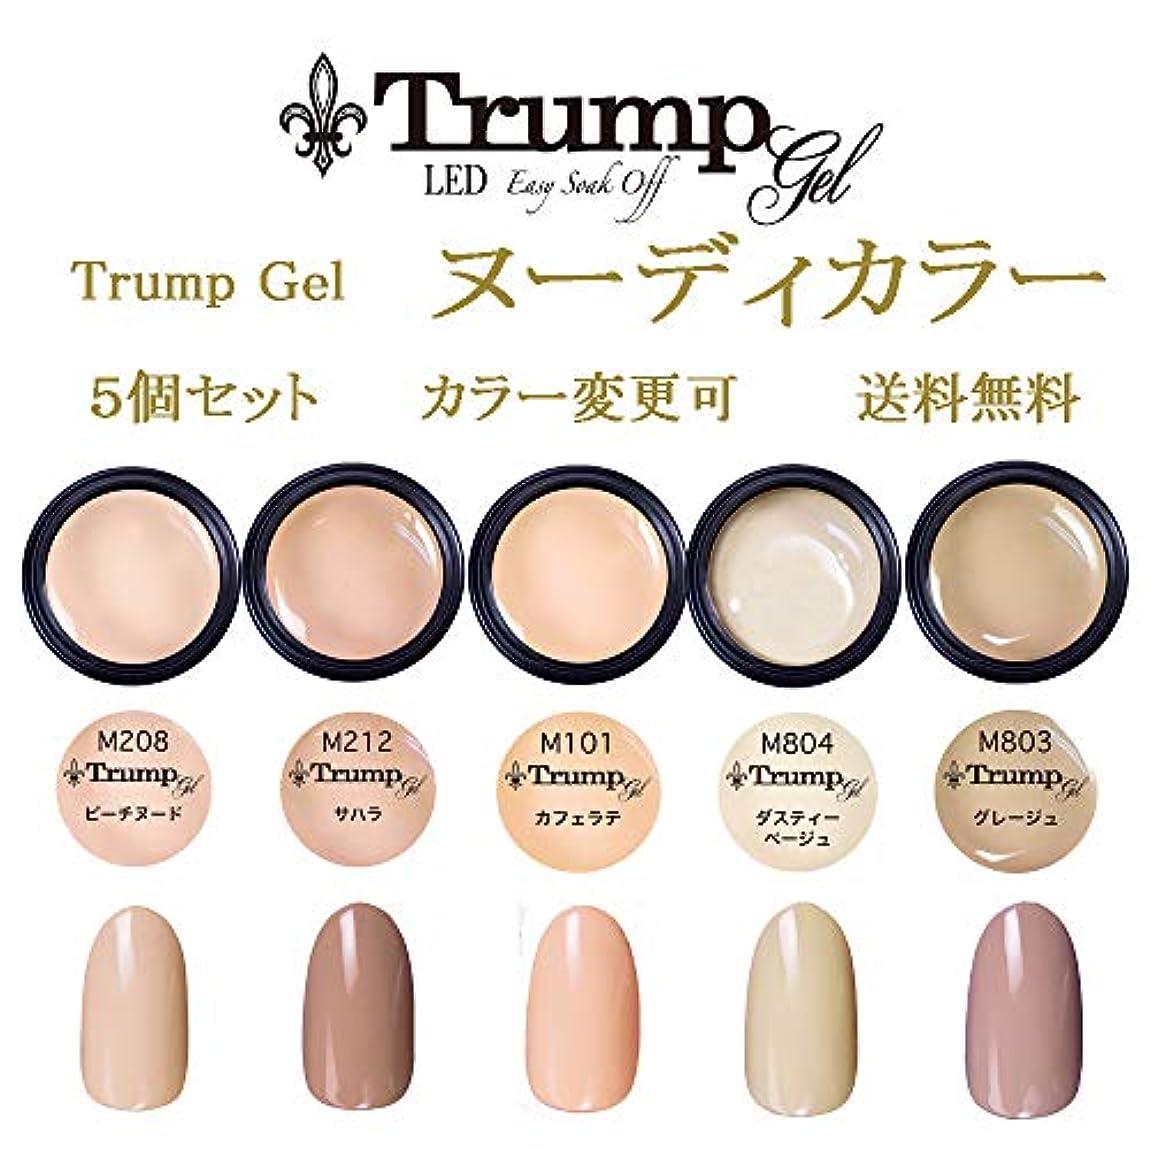 スクラブ遅れ事前に日本製 Trump gel トランプジェル ヌーディカラー 選べる カラージェル 5個セット ベージュ ブラウン ピンク